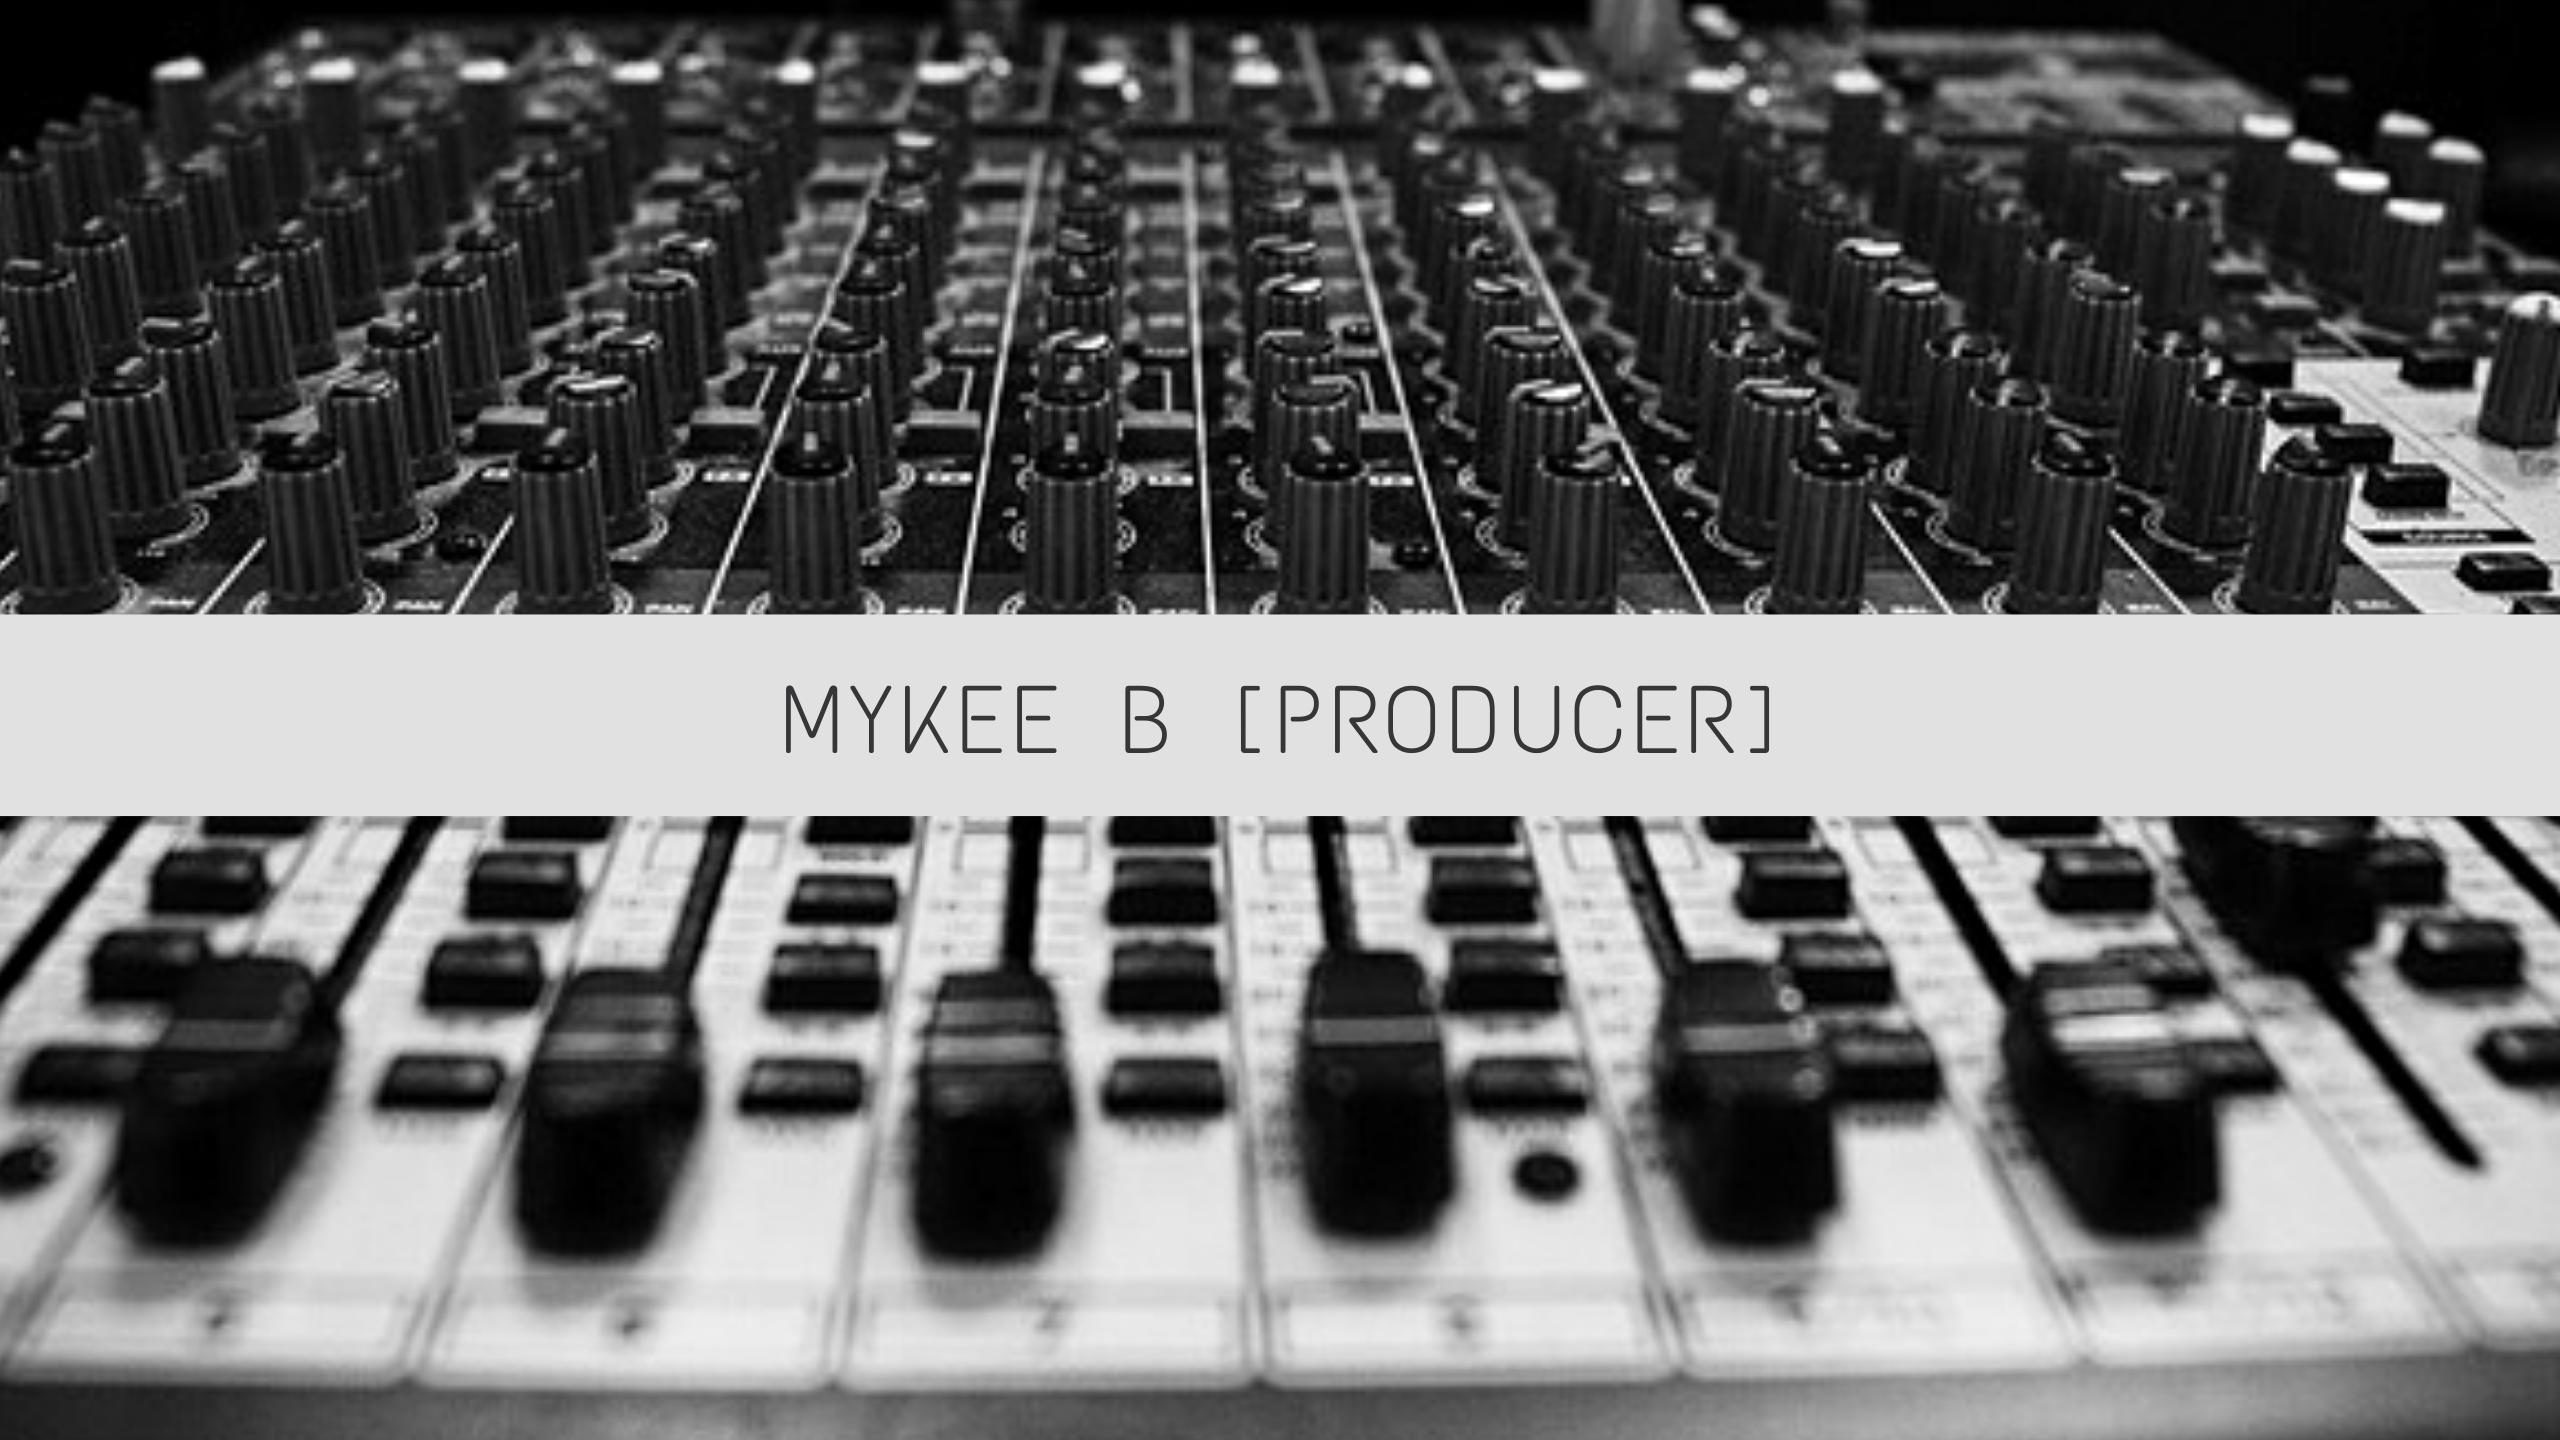 MYKEe B